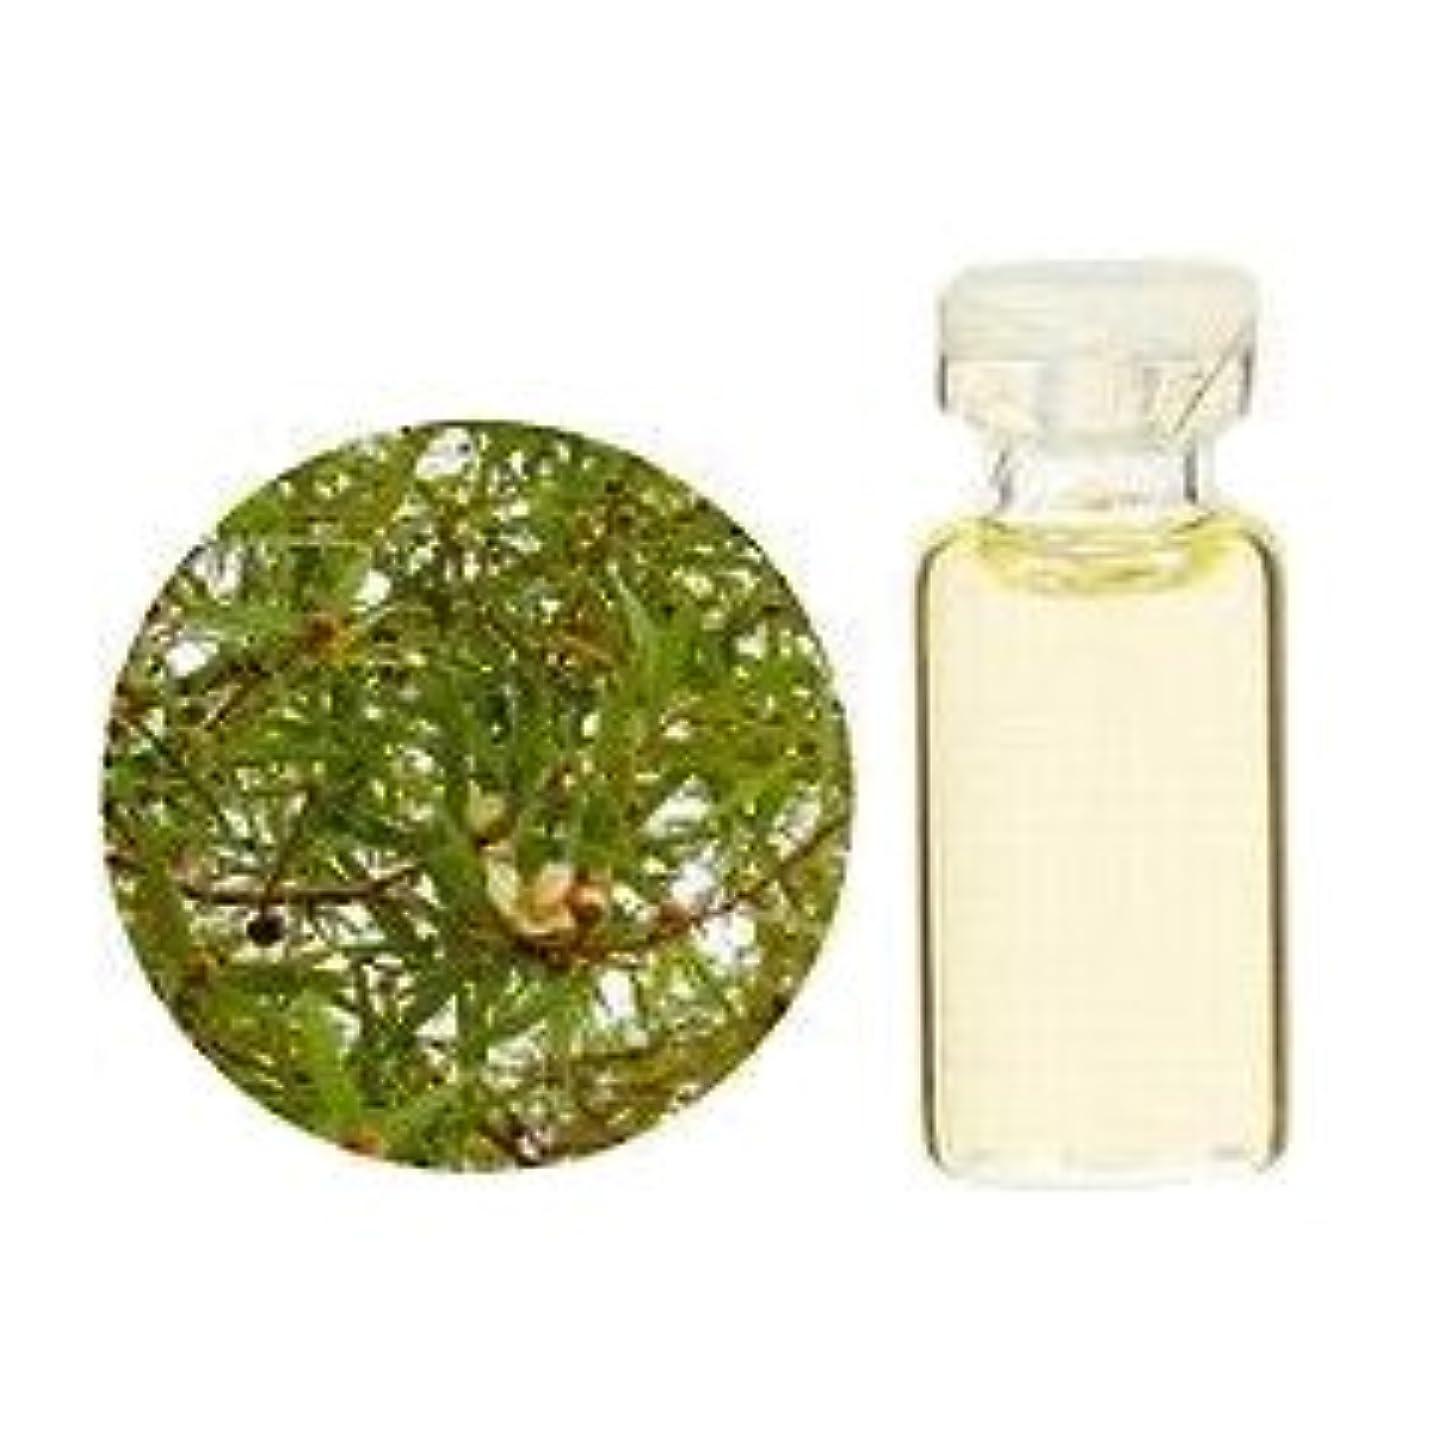 生活の木 エッセンシャルオイル 精油 レモンティートゥリー 50ml